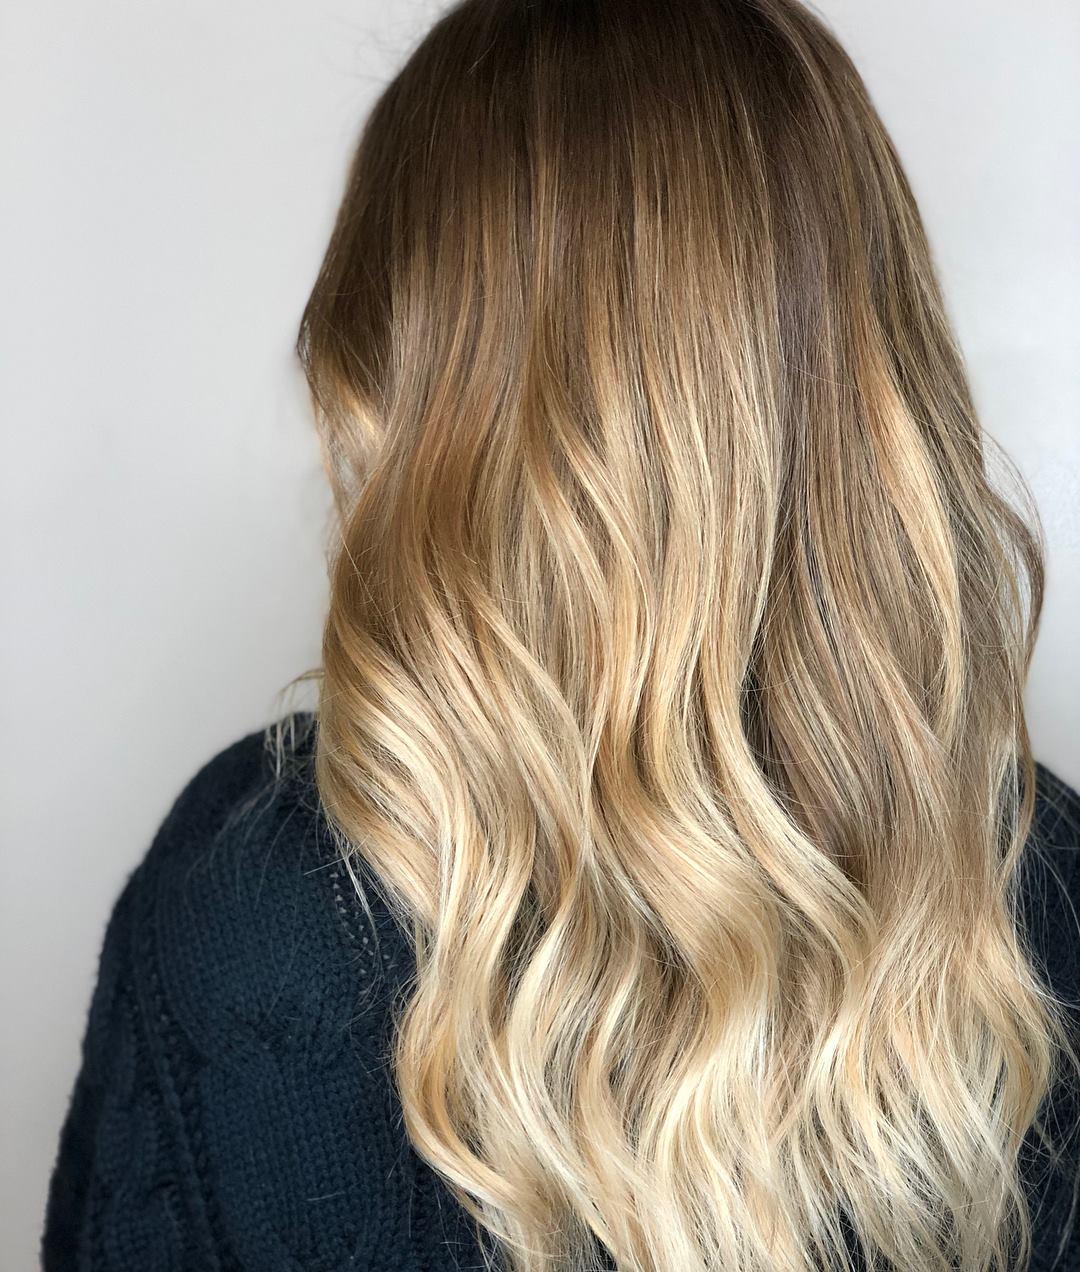 shadow root hair color dallas